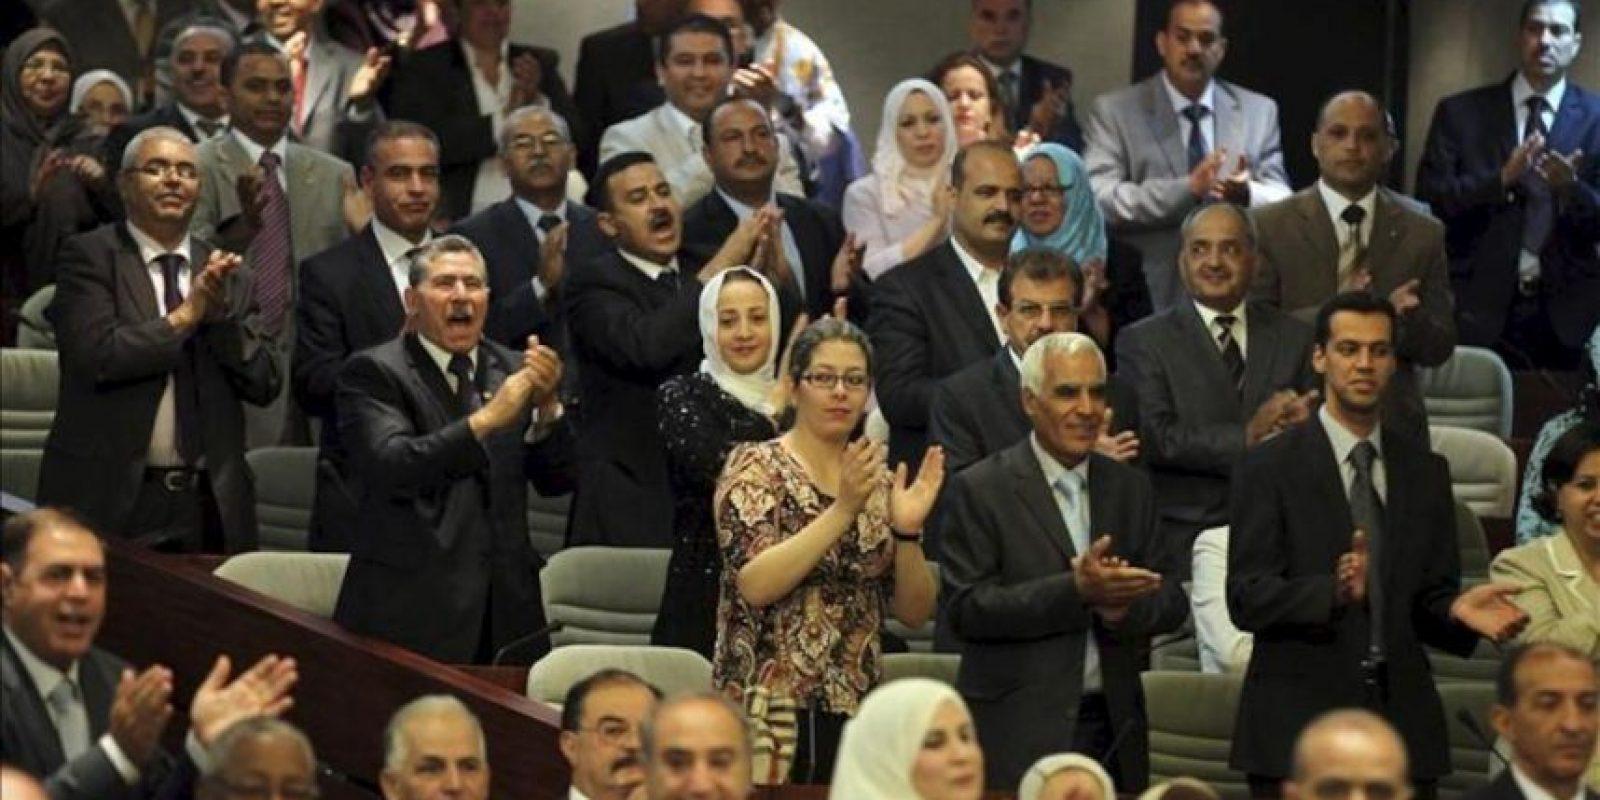 Diputados asisten a la ceremonia de constitución del nuevo Parlamento argelino surgido de las elecciones legislativas del pasado 10 de mayo, en Argel, Argelia, hoy, sábado 26 de mayo de 2012. EFE